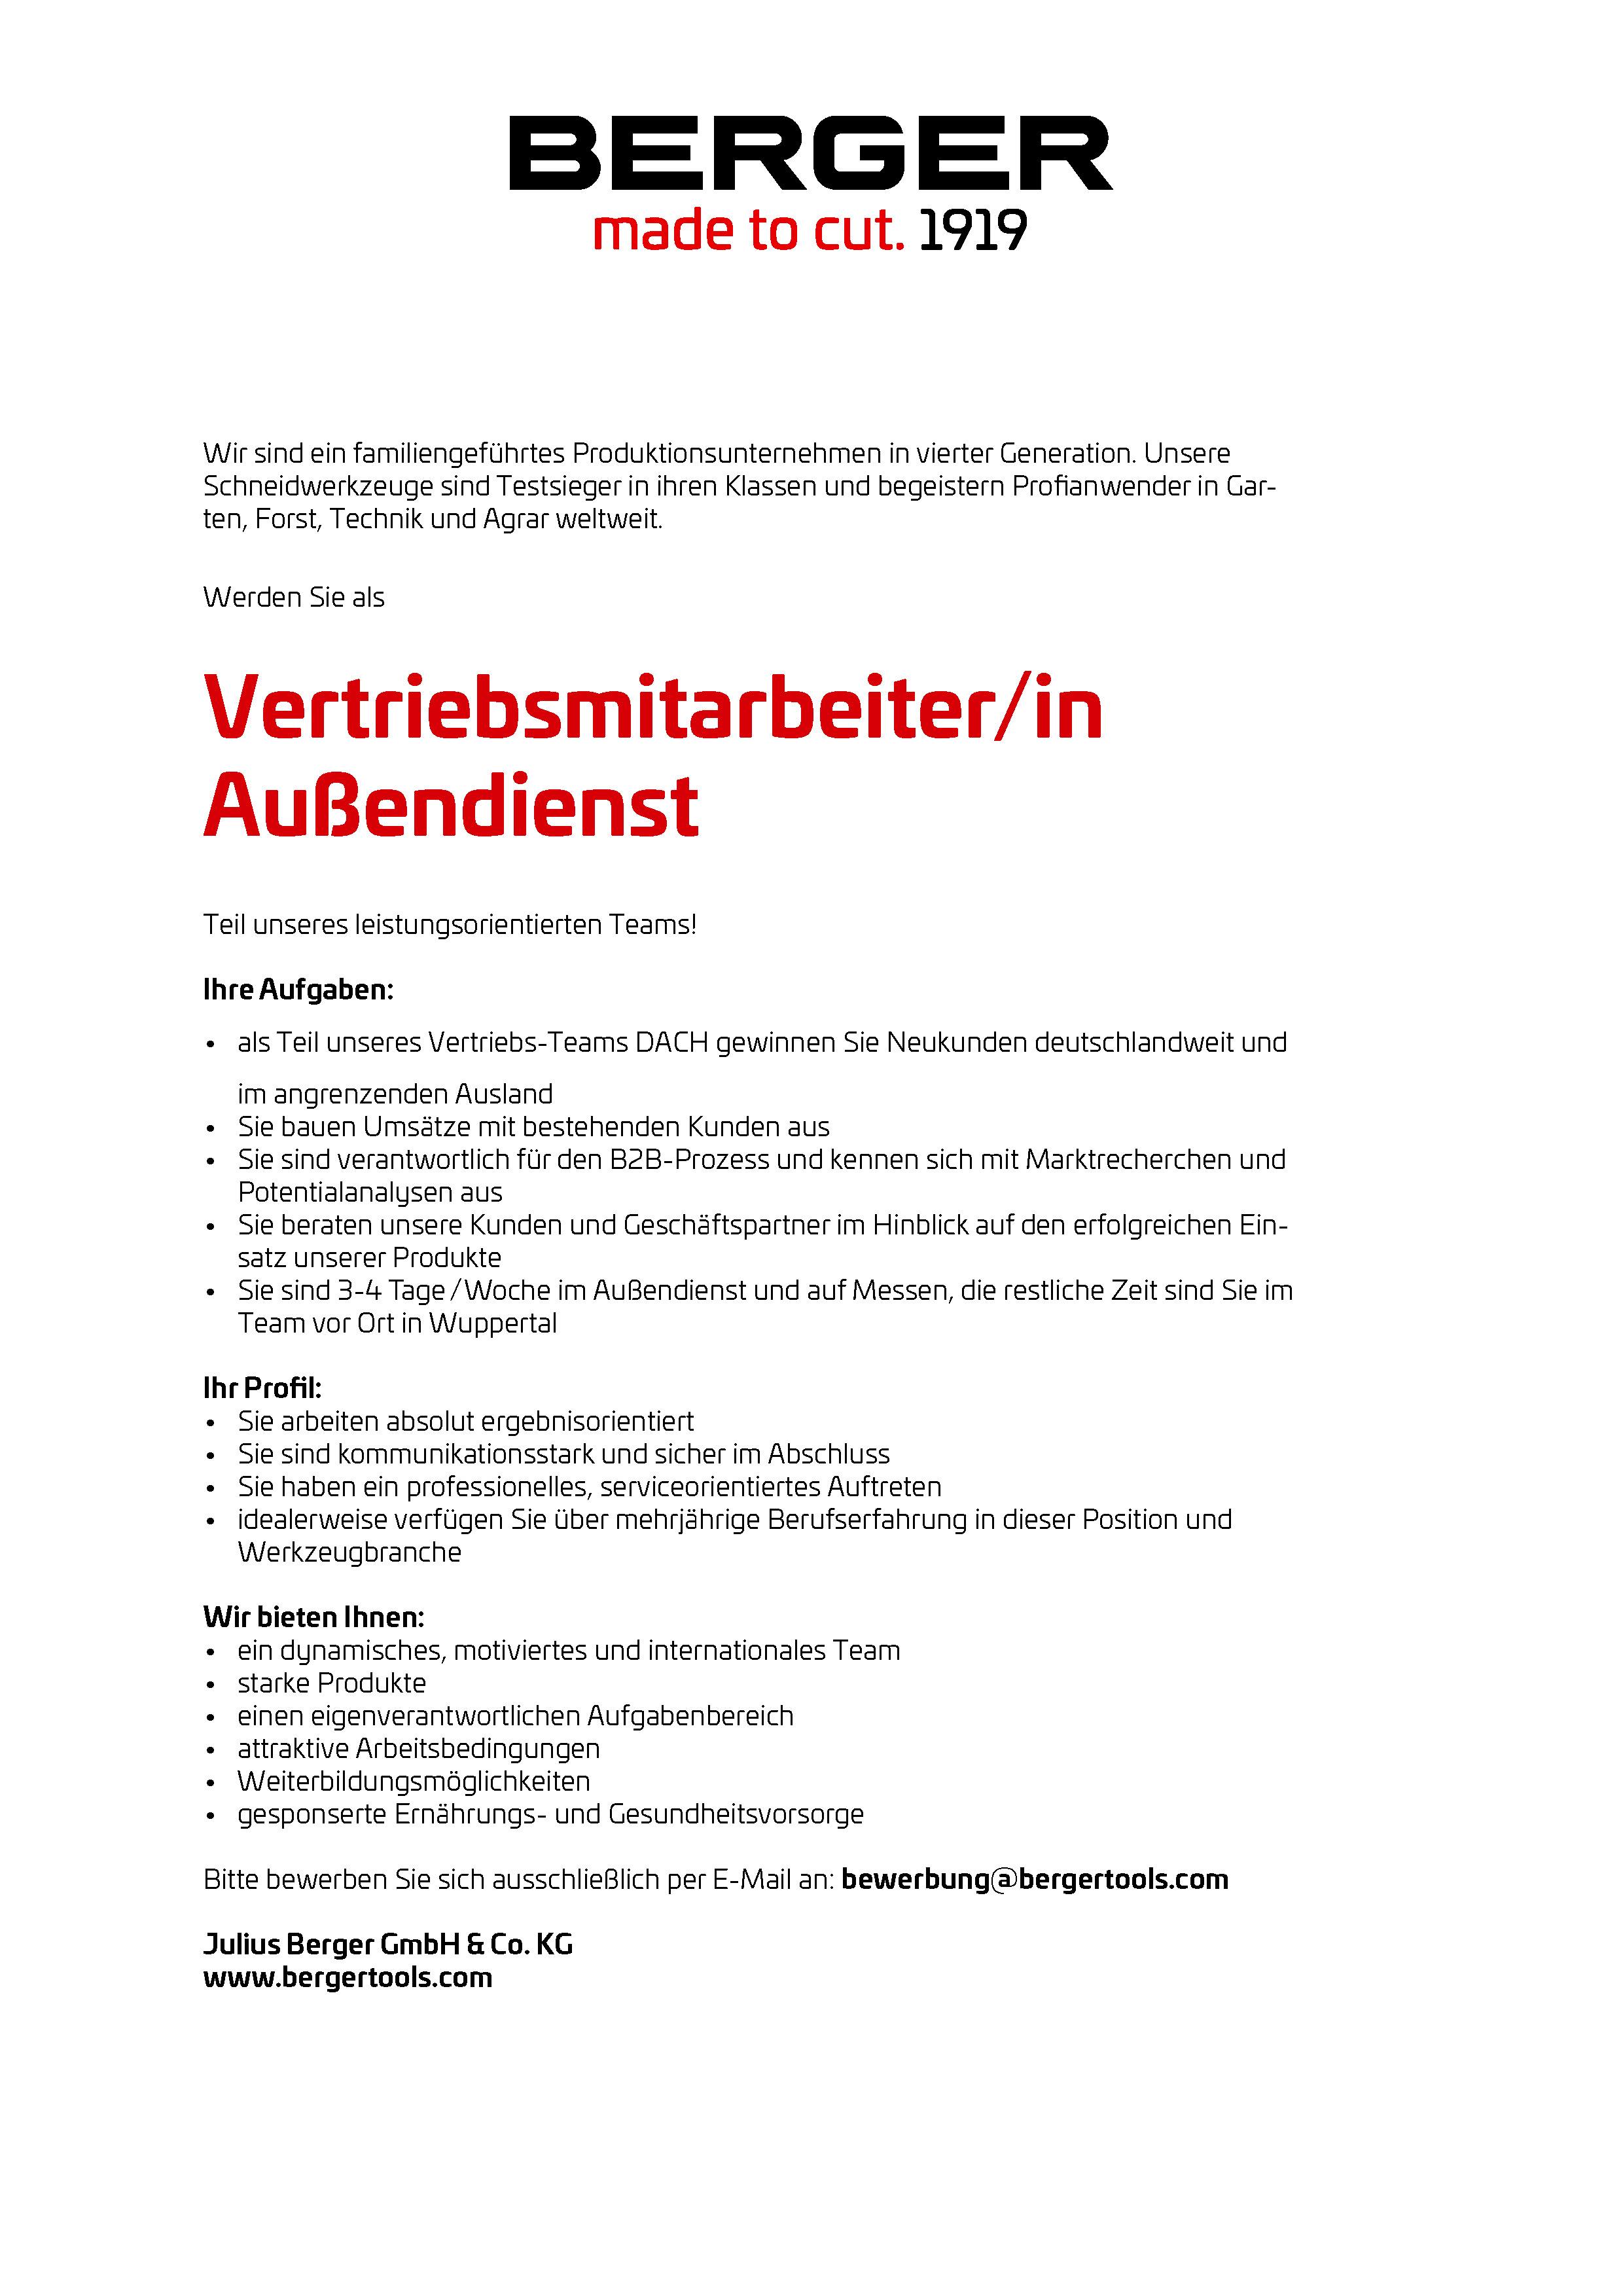 careers at julius berger gmbh co kg - Bewerbung Auendienst